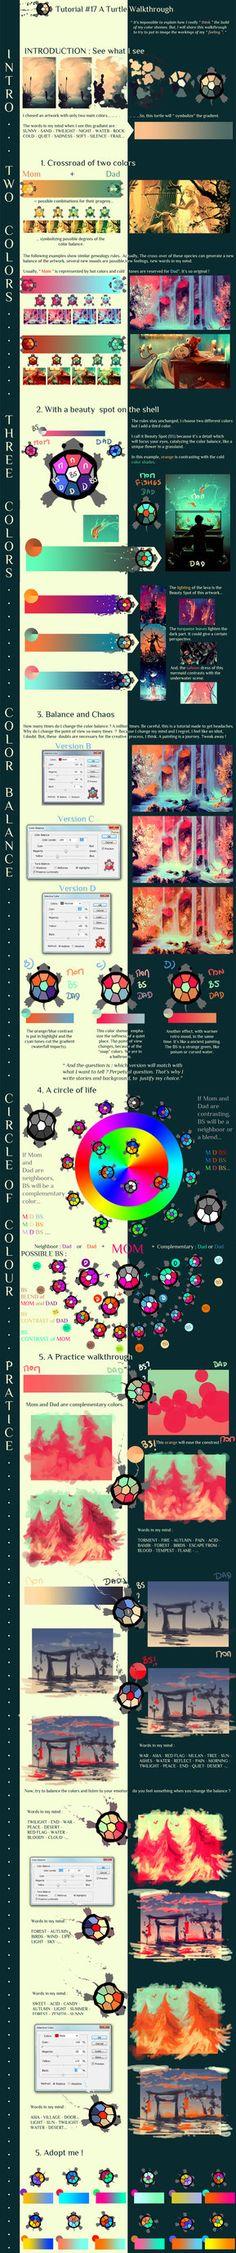 Color Theory Farb Theorie für Illustration, Zeichnen und Malen